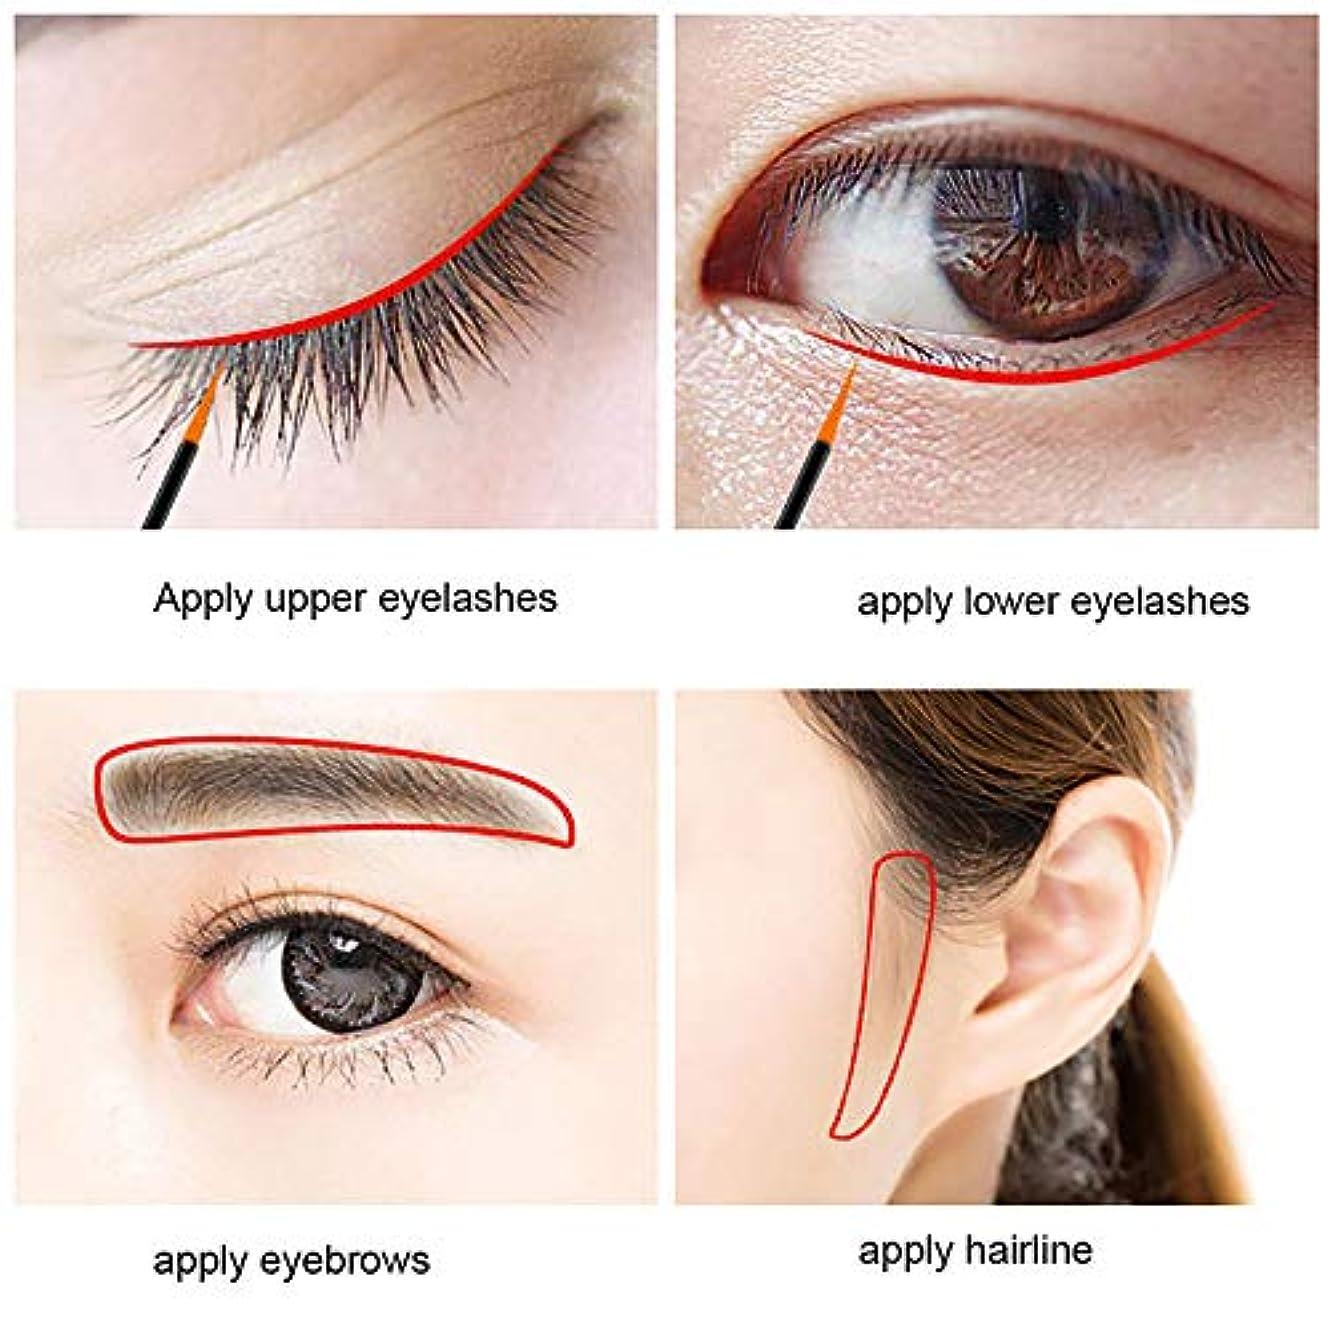 奨学金役に立つそれら眉毛まつげ速い急速な成長の液体エンハンサー栄養液栄養